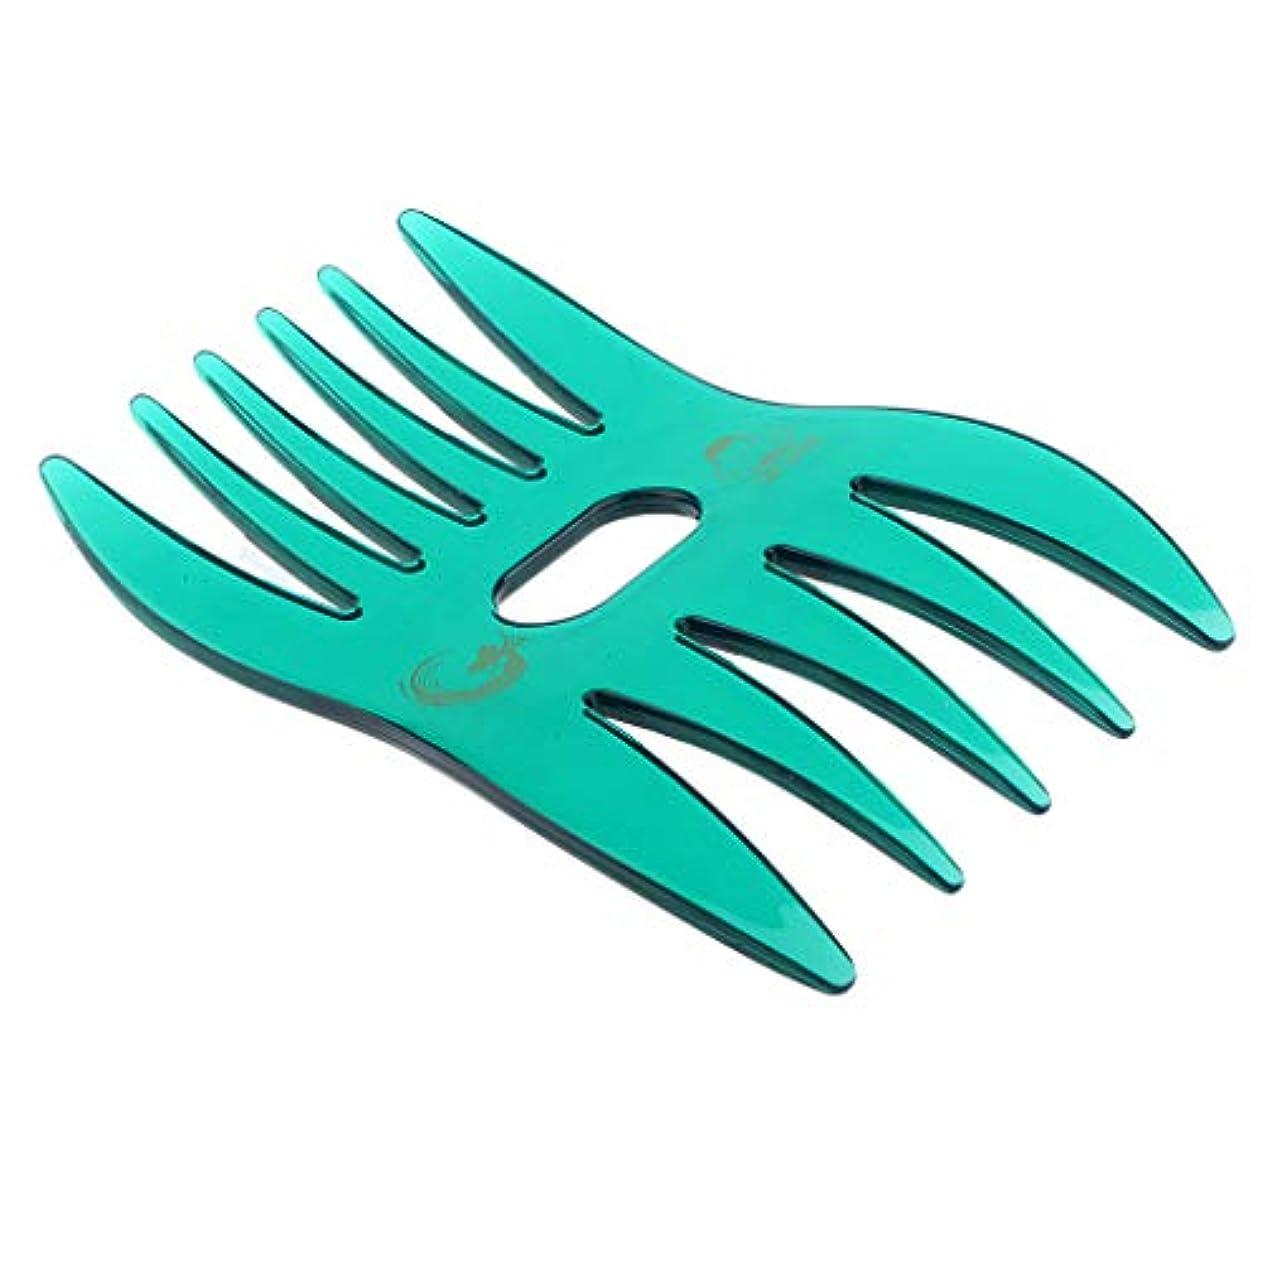 ステートメント非効率的な起業家ヘアコーム ヘアブラシ デュアルサイド櫛 ワイド 細かい歯 ヘアサロン 自宅用 4色選べ - 緑